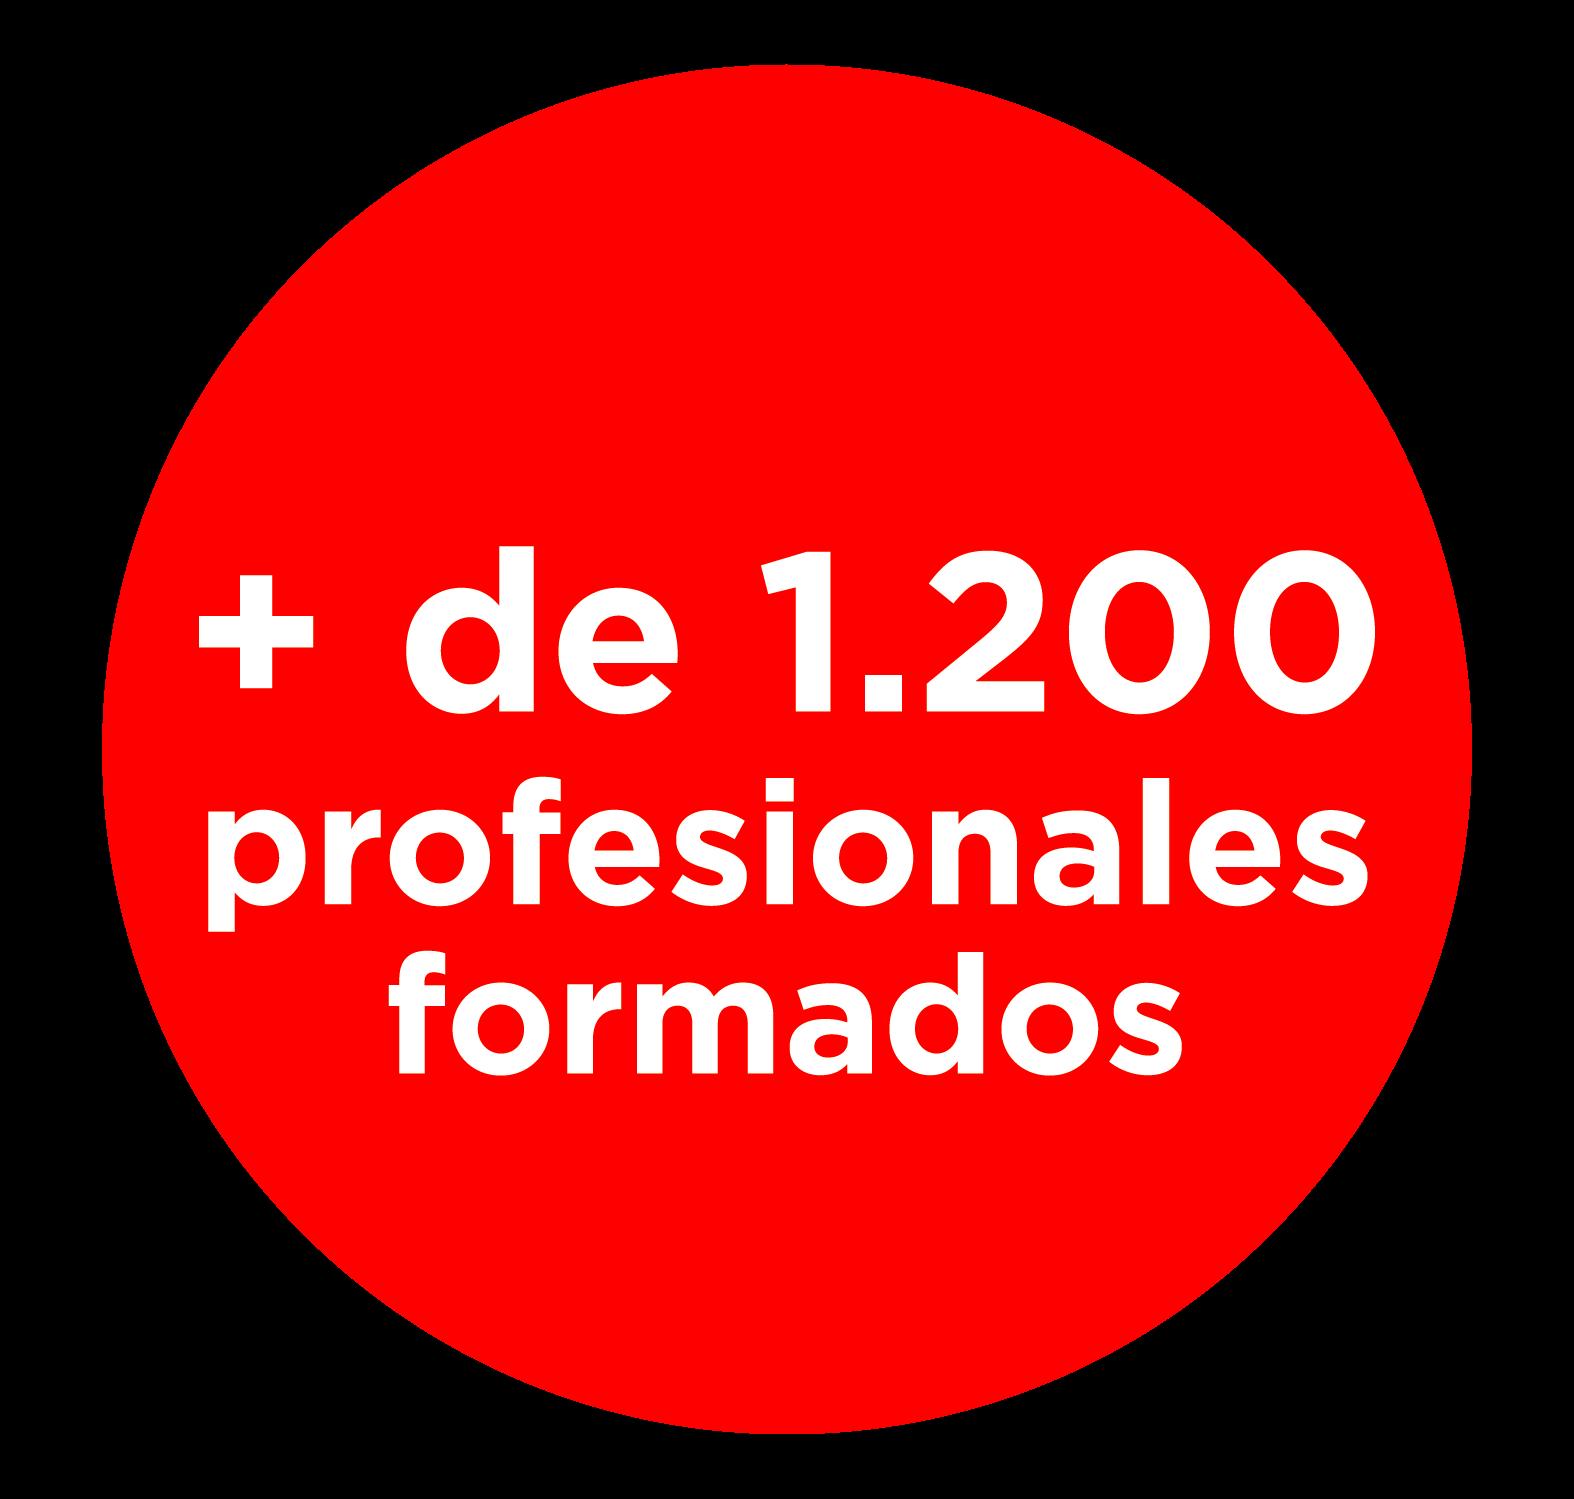 Más de 1200 profesionales formados